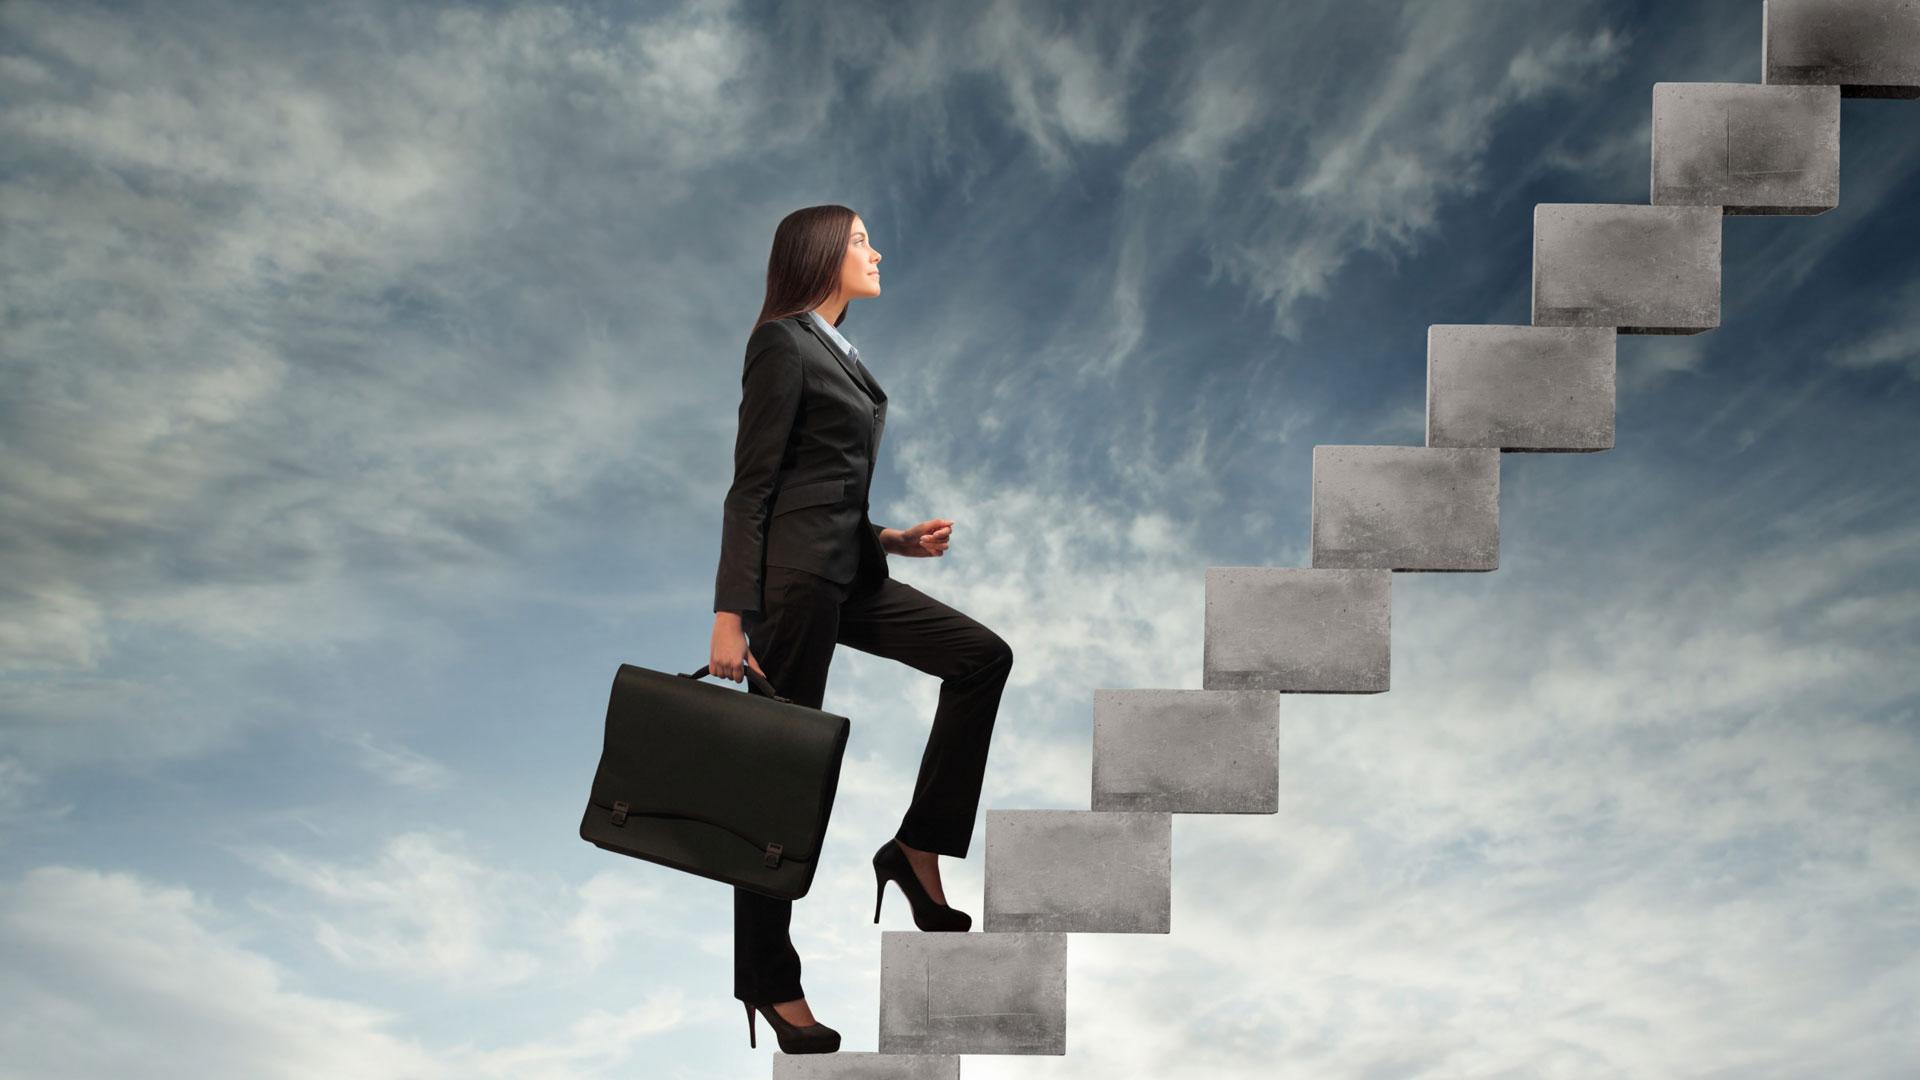 Курс вебинаров: «Строим успешный бизнес. Первые шаги». День первый